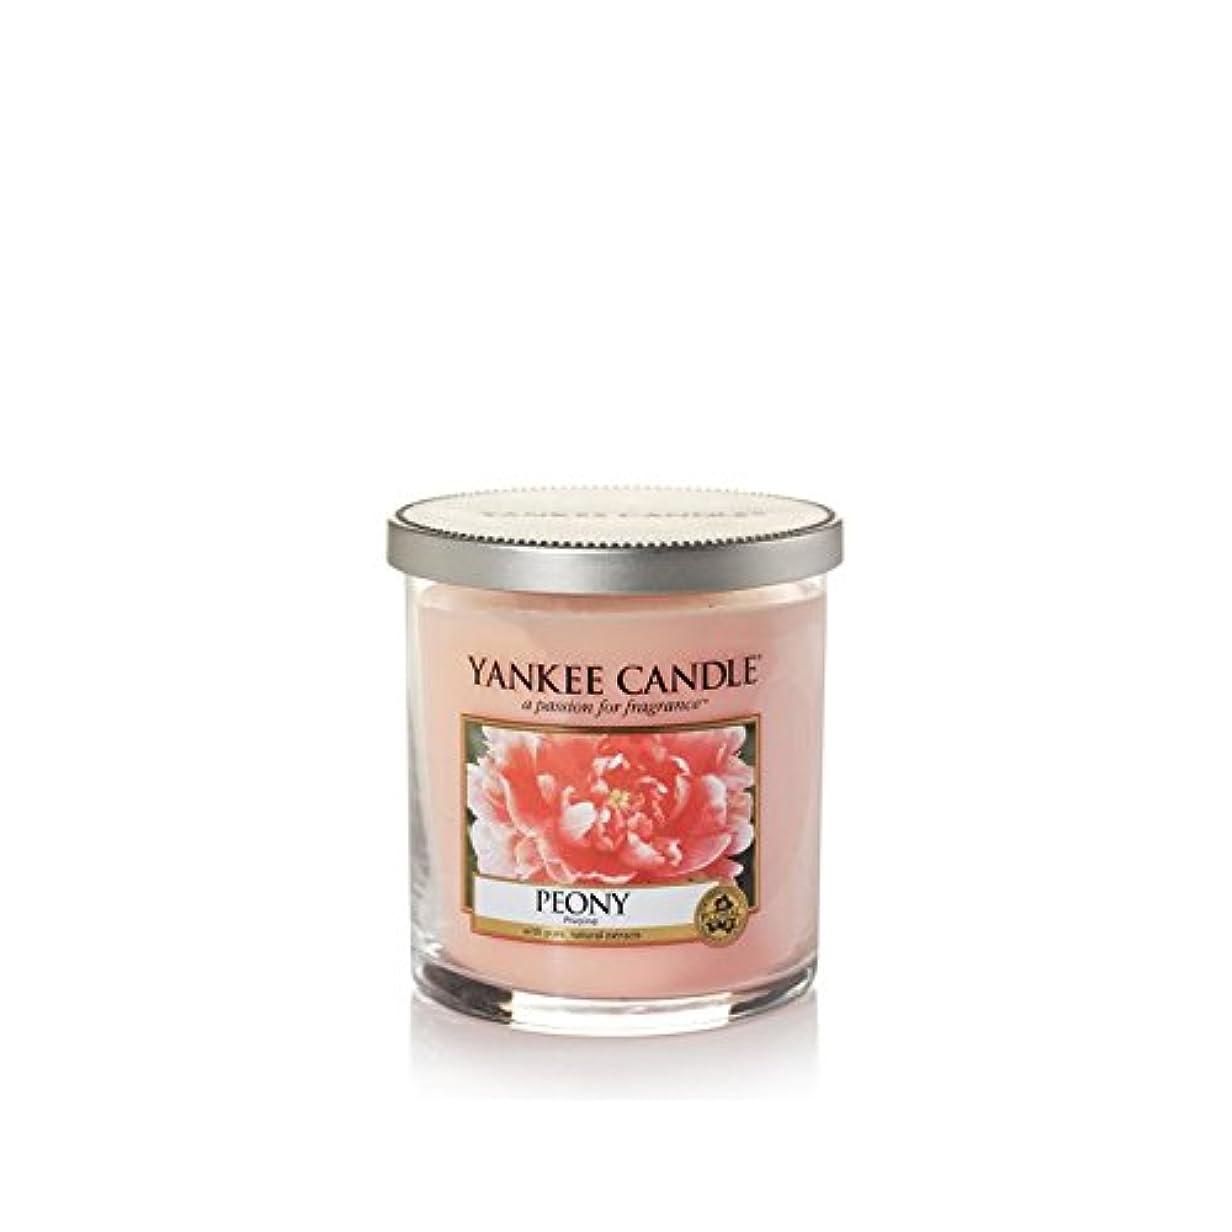 酔う挑発するリーチYankee Candles Small Pillar Candle - Peony (Pack of 2) - ヤンキーキャンドルの小さな柱キャンドル - 牡丹 (x2) [並行輸入品]